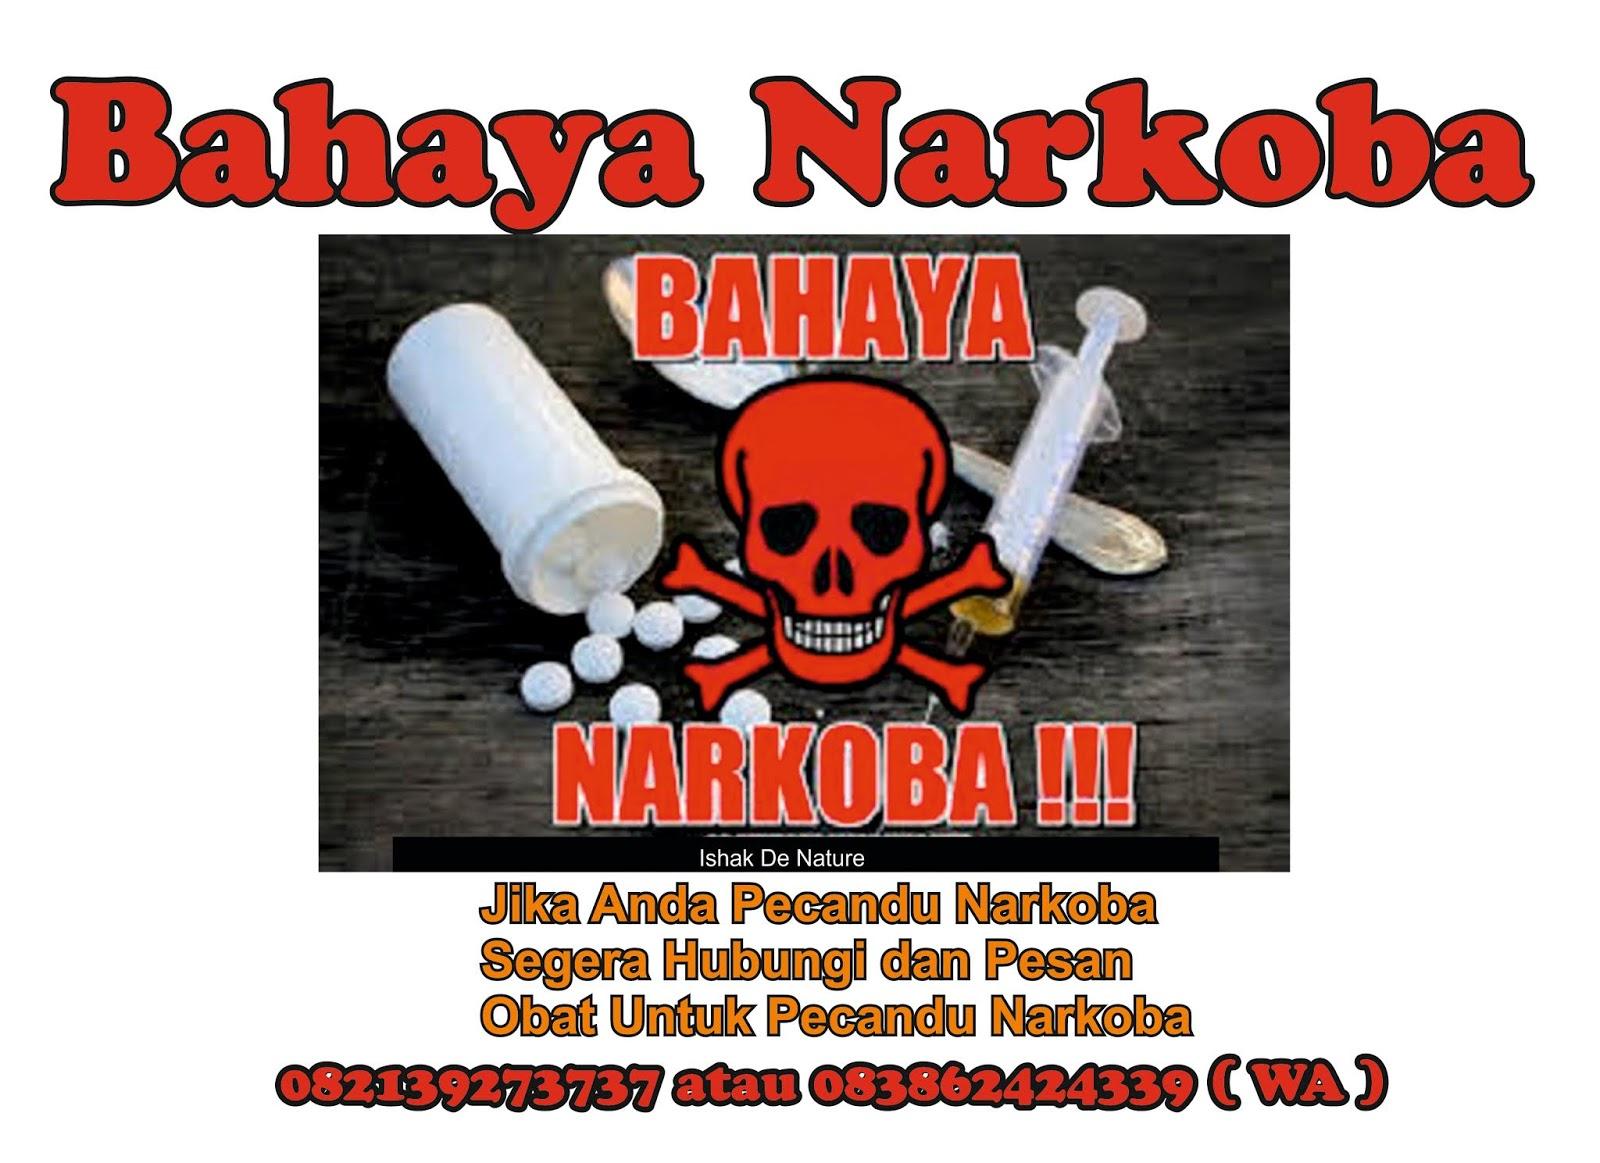 Obat Menghilangkan Kecanduan Narkoba Lukmanalhakim221 Over Blog Com